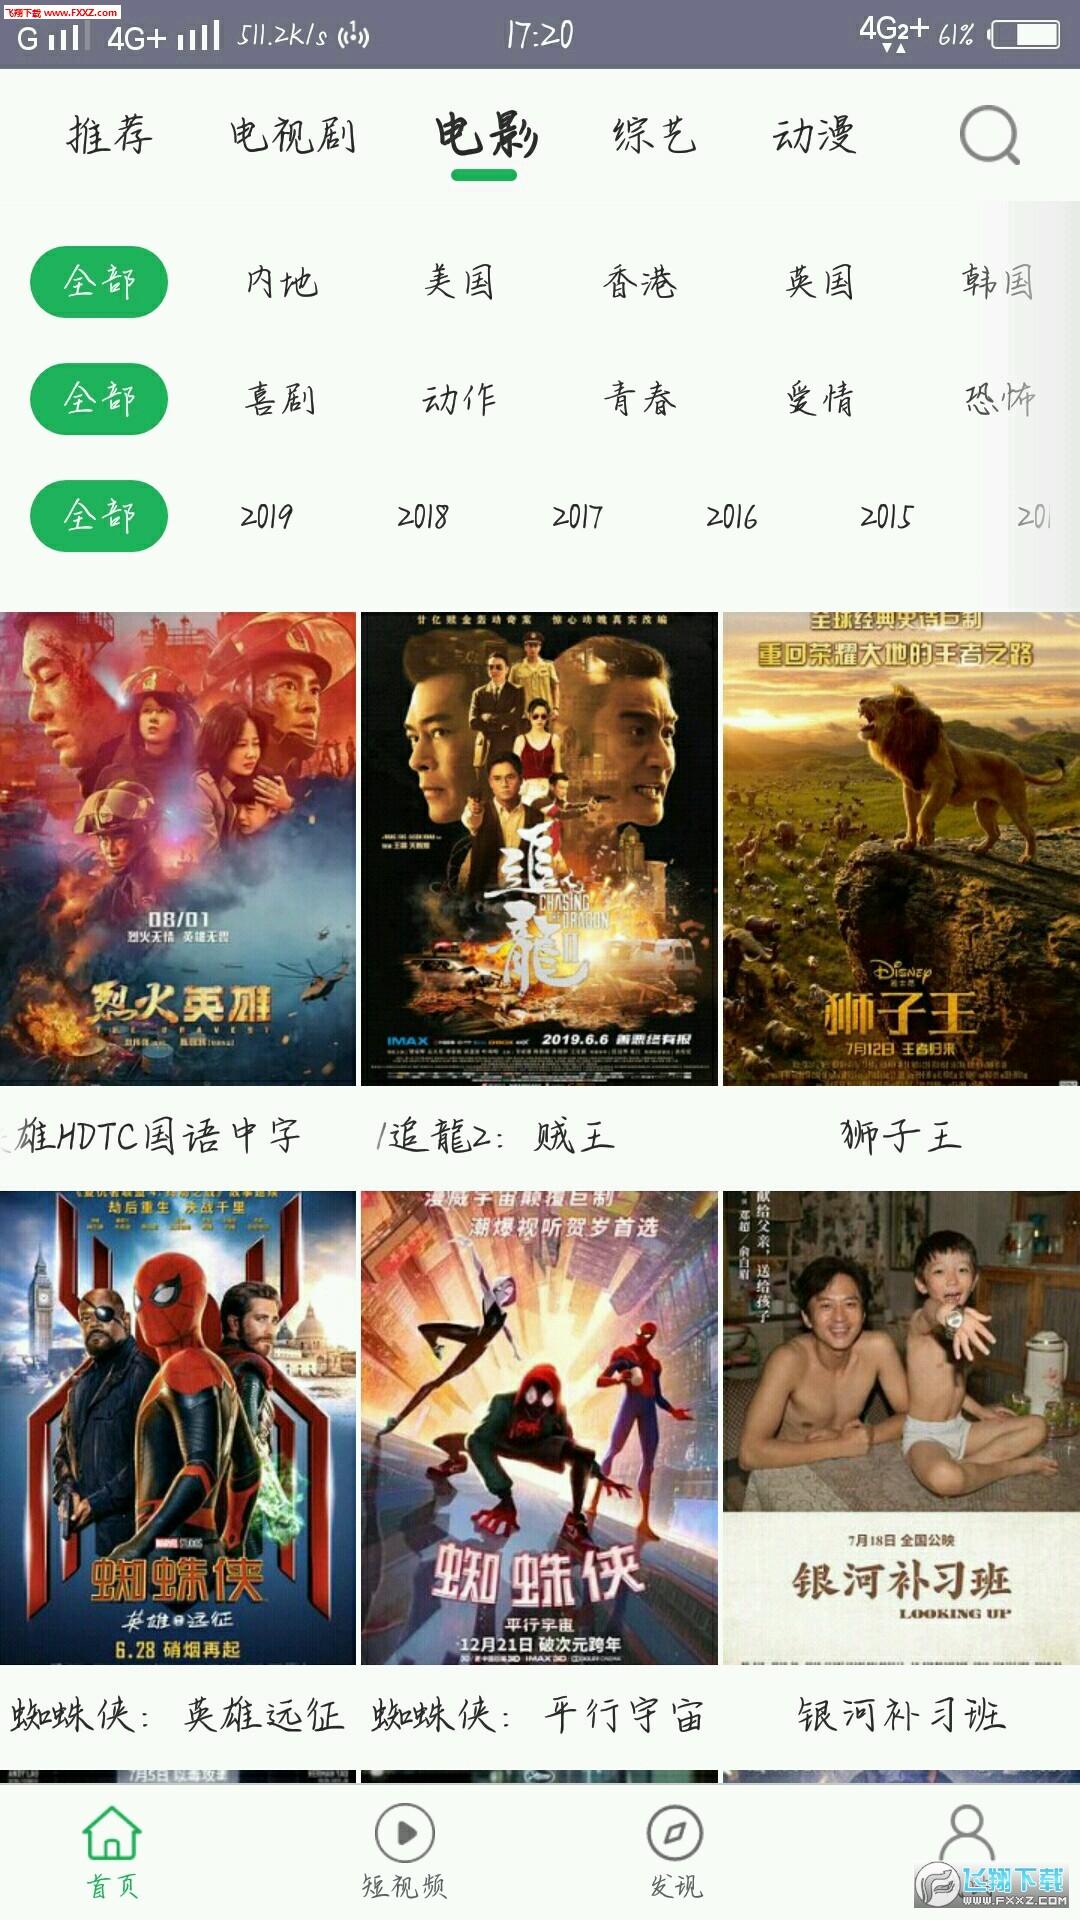 大象视频app院线大片免费看v1.0.3截图2